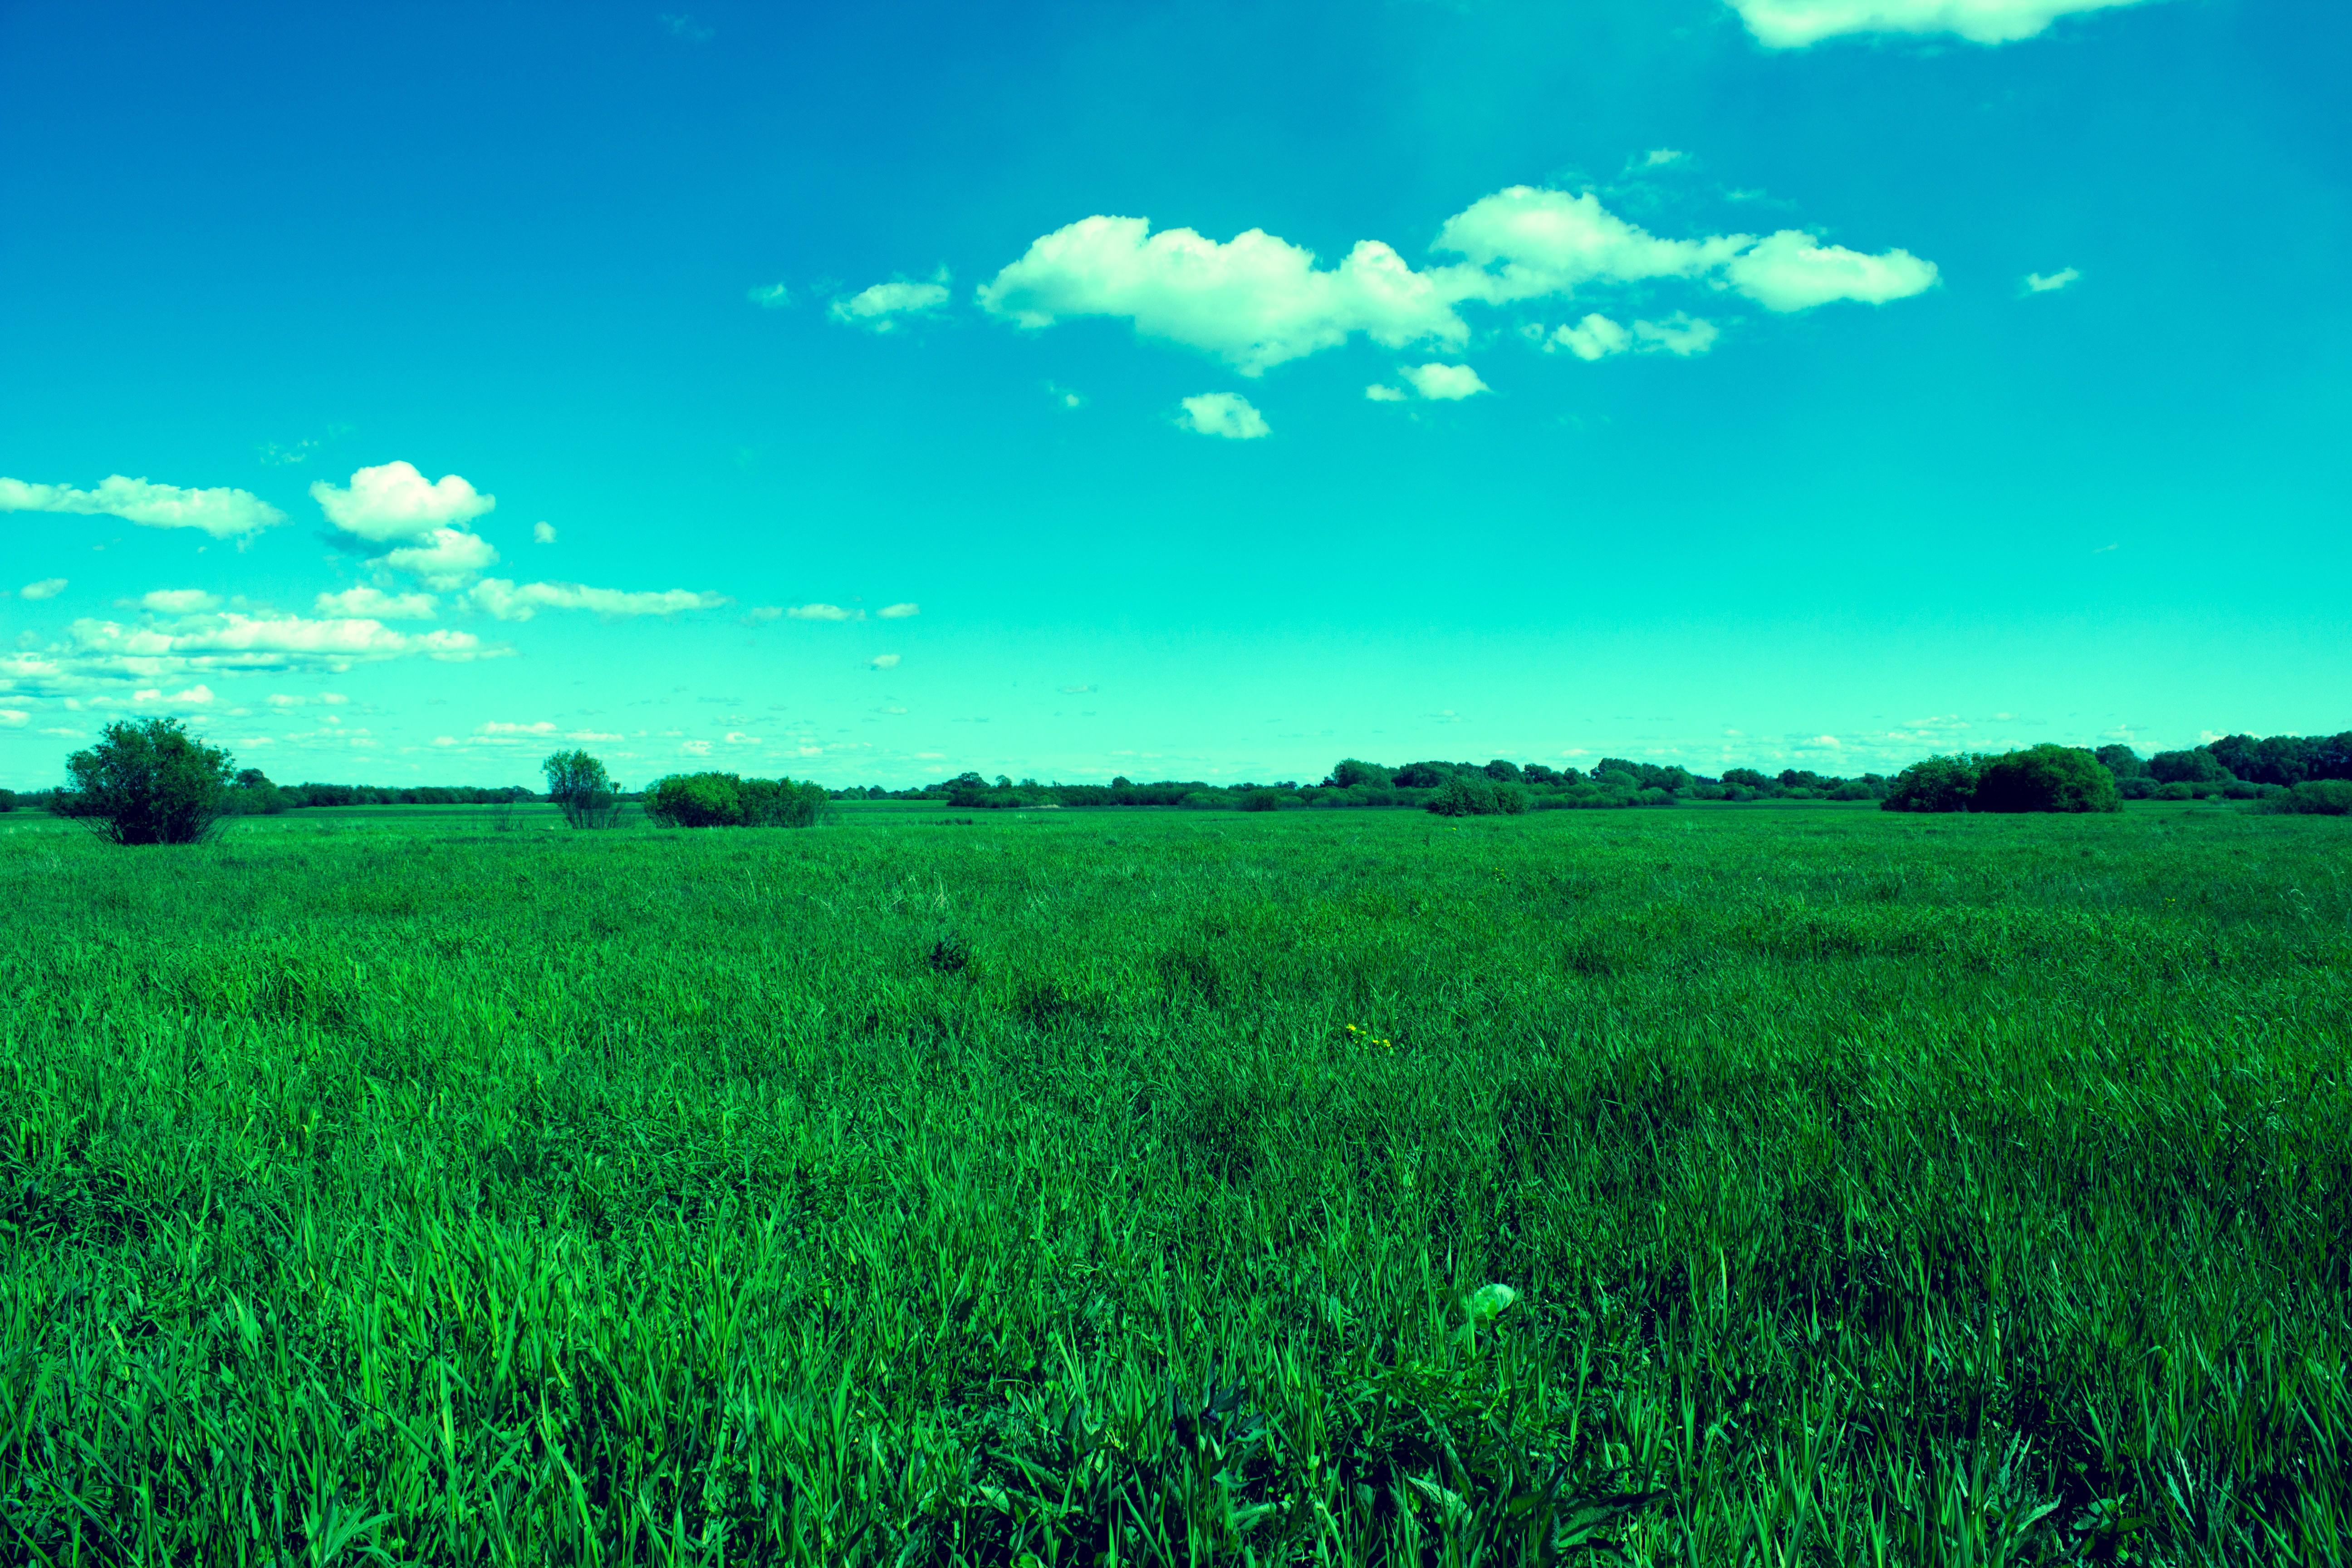 днях картинки с зеленым полем и словом только припаркованные газонах